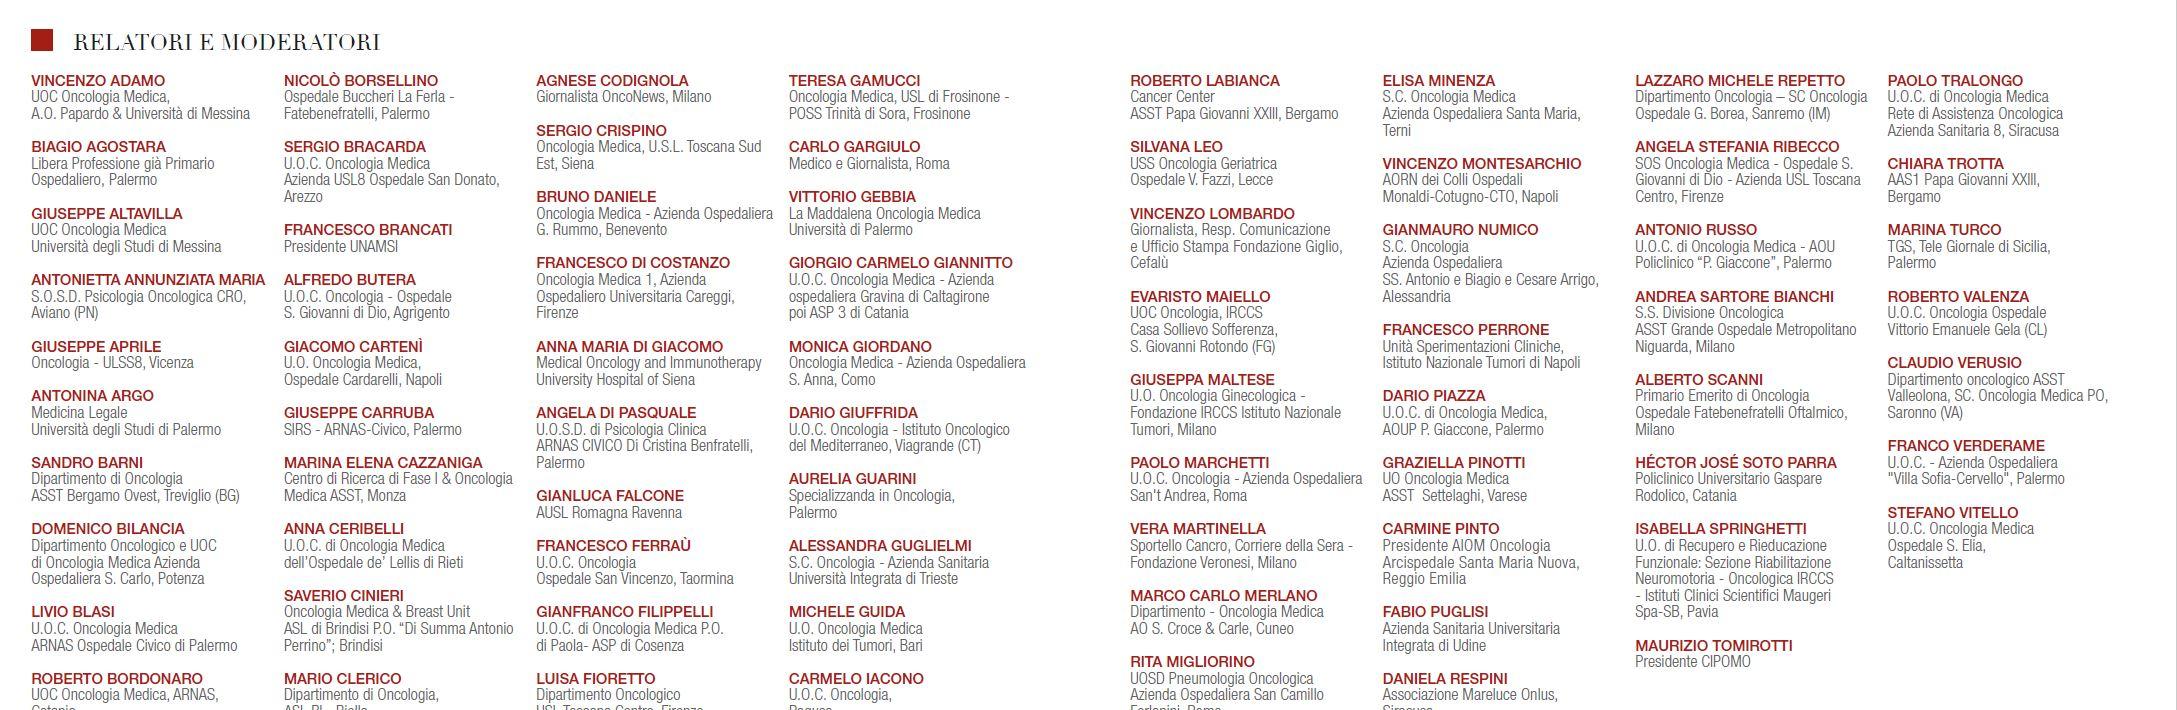 Relatori e moderatori congresso XXI congresso nazionale Cipomo a Palermo